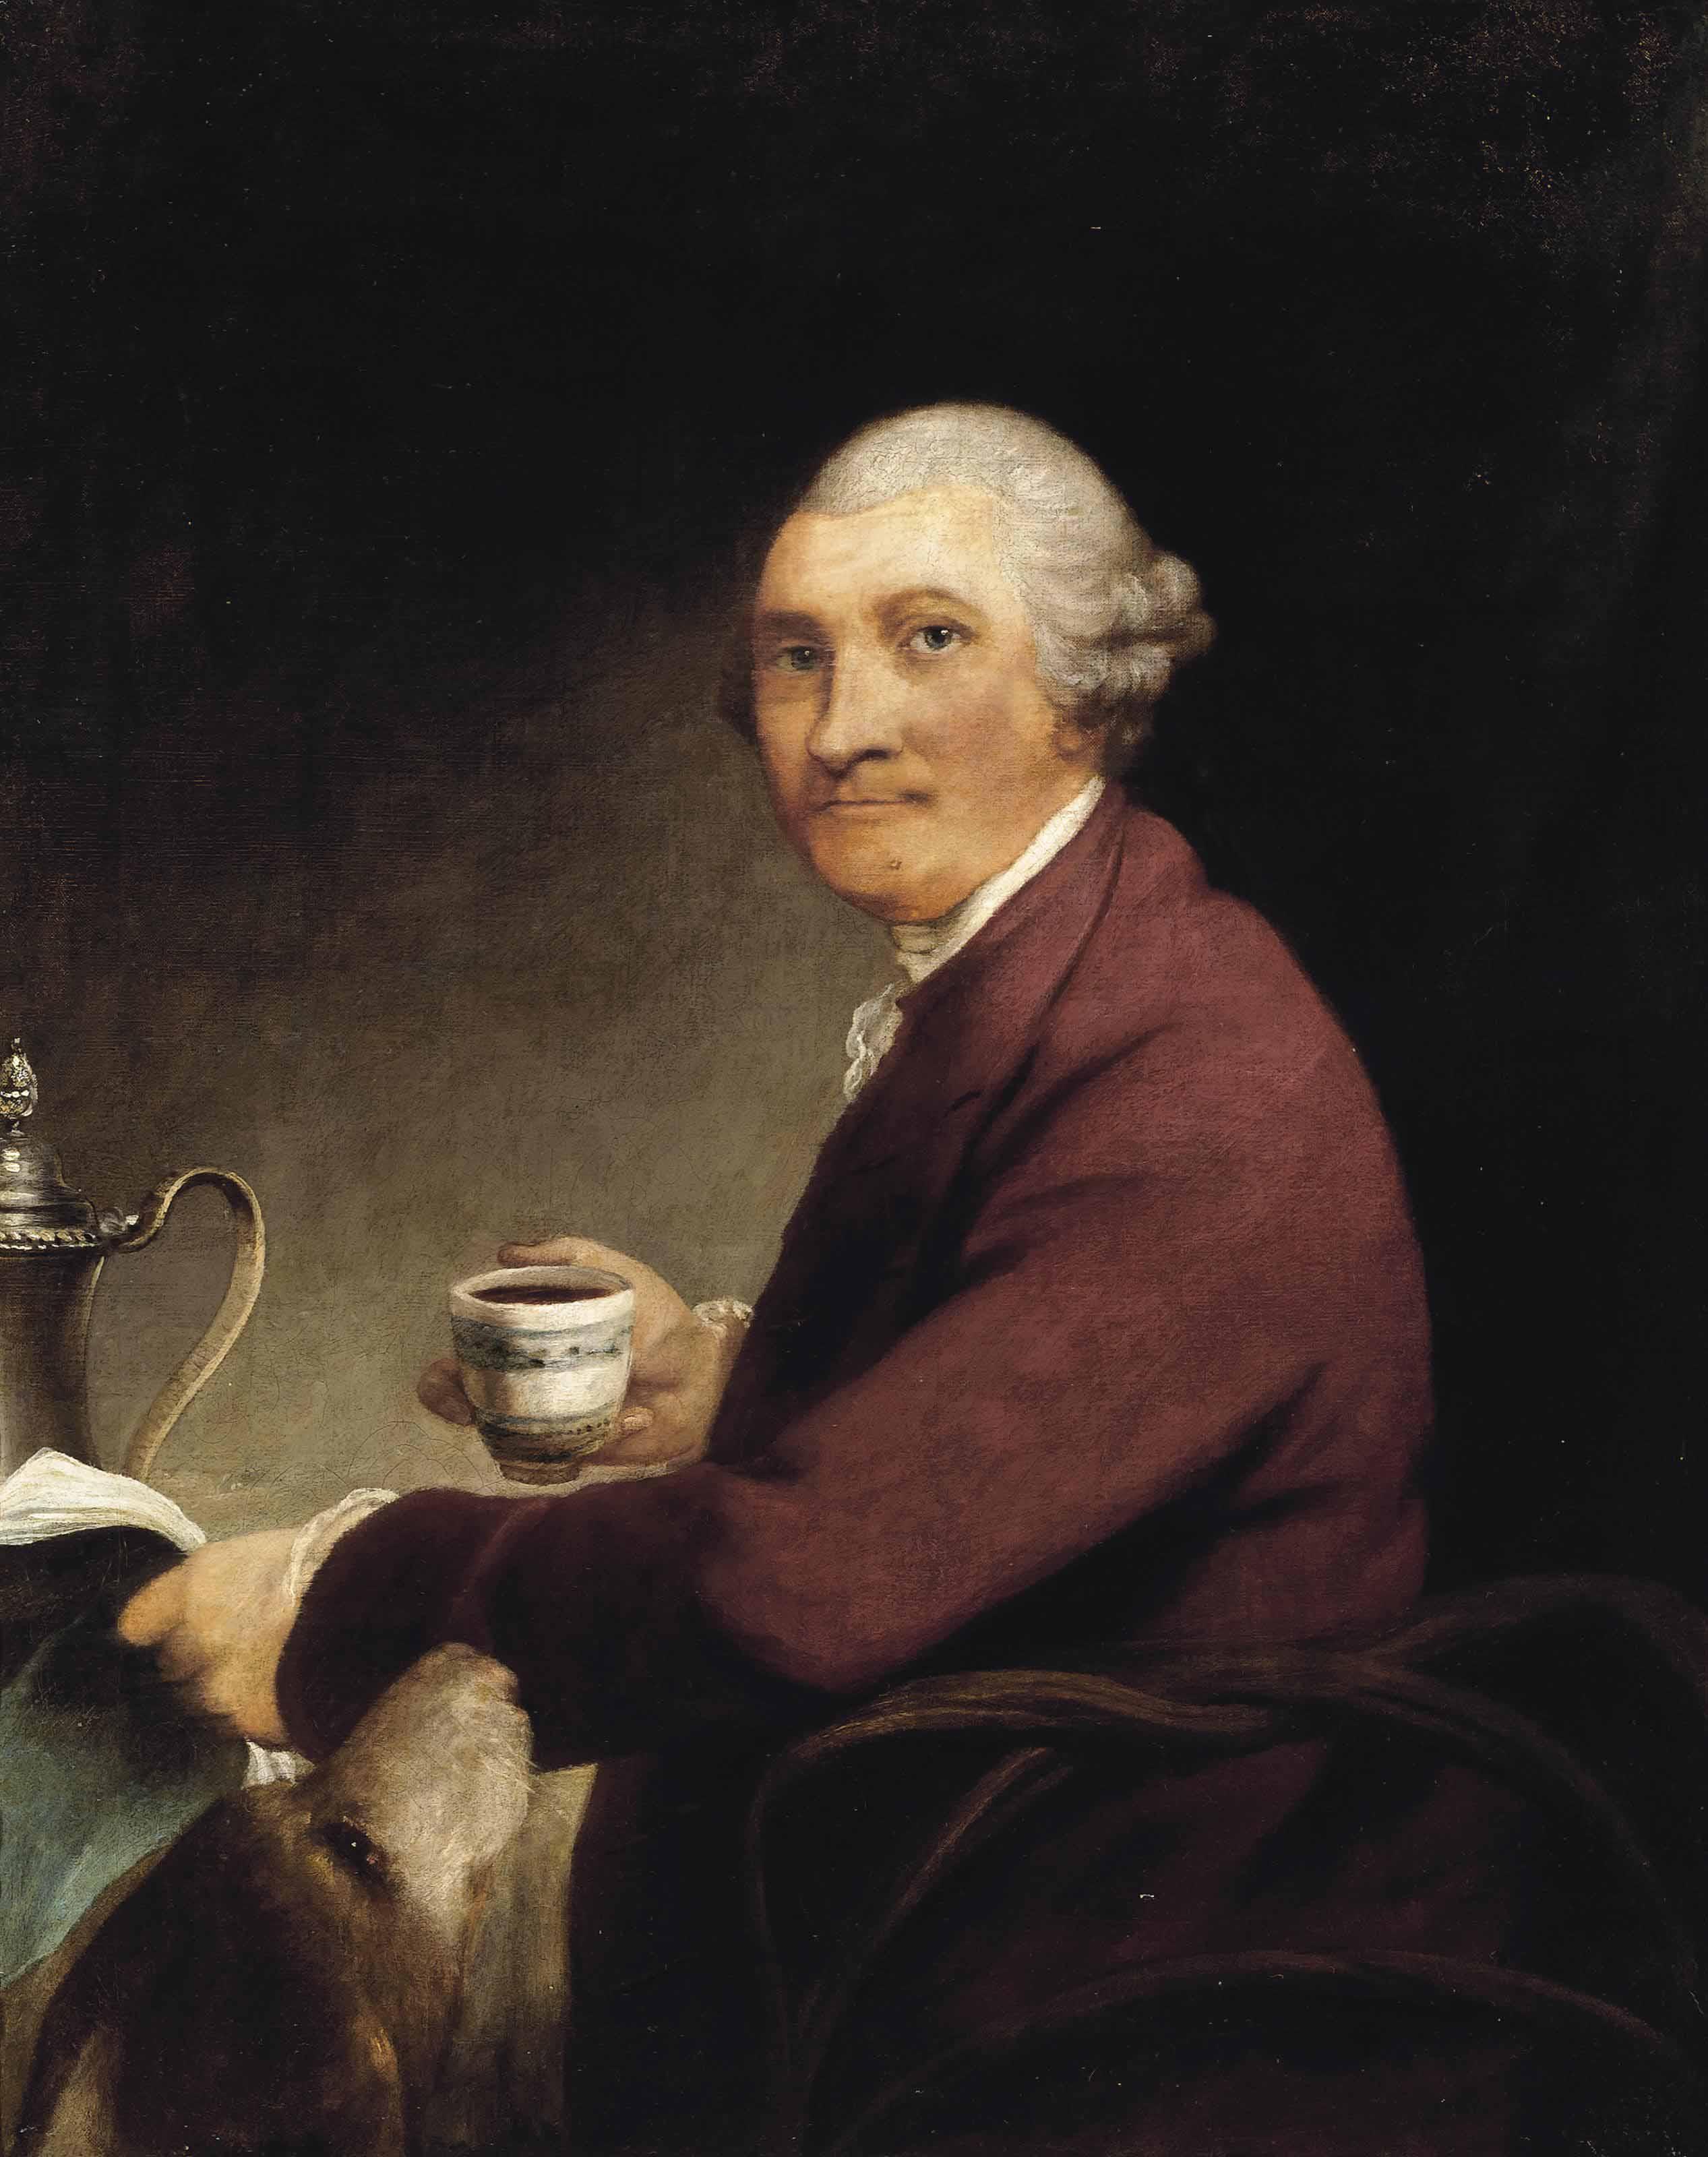 Portrait of a tea drinker